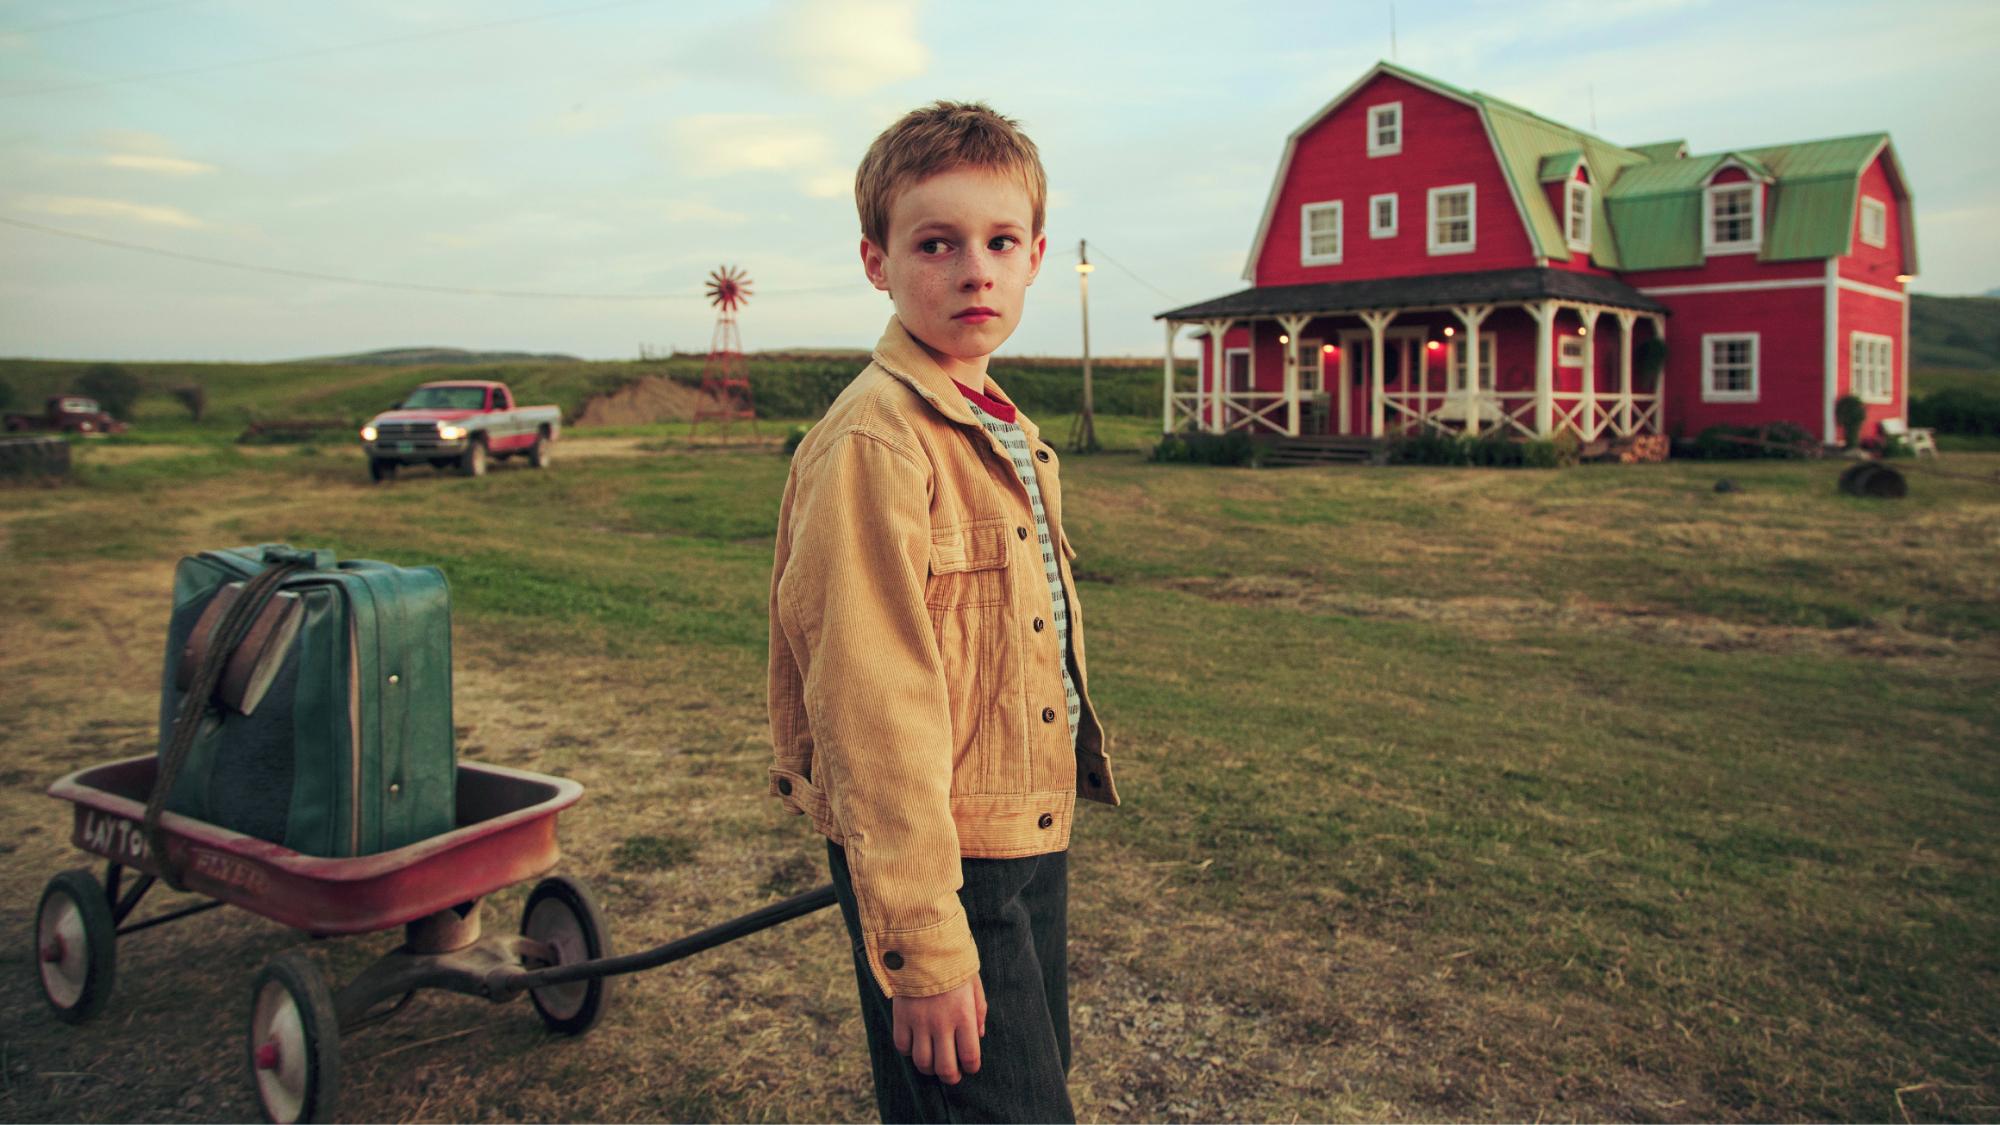 10岁天才发明永动机,一人横穿美国去领奖,豆瓣8.5分冒险电影